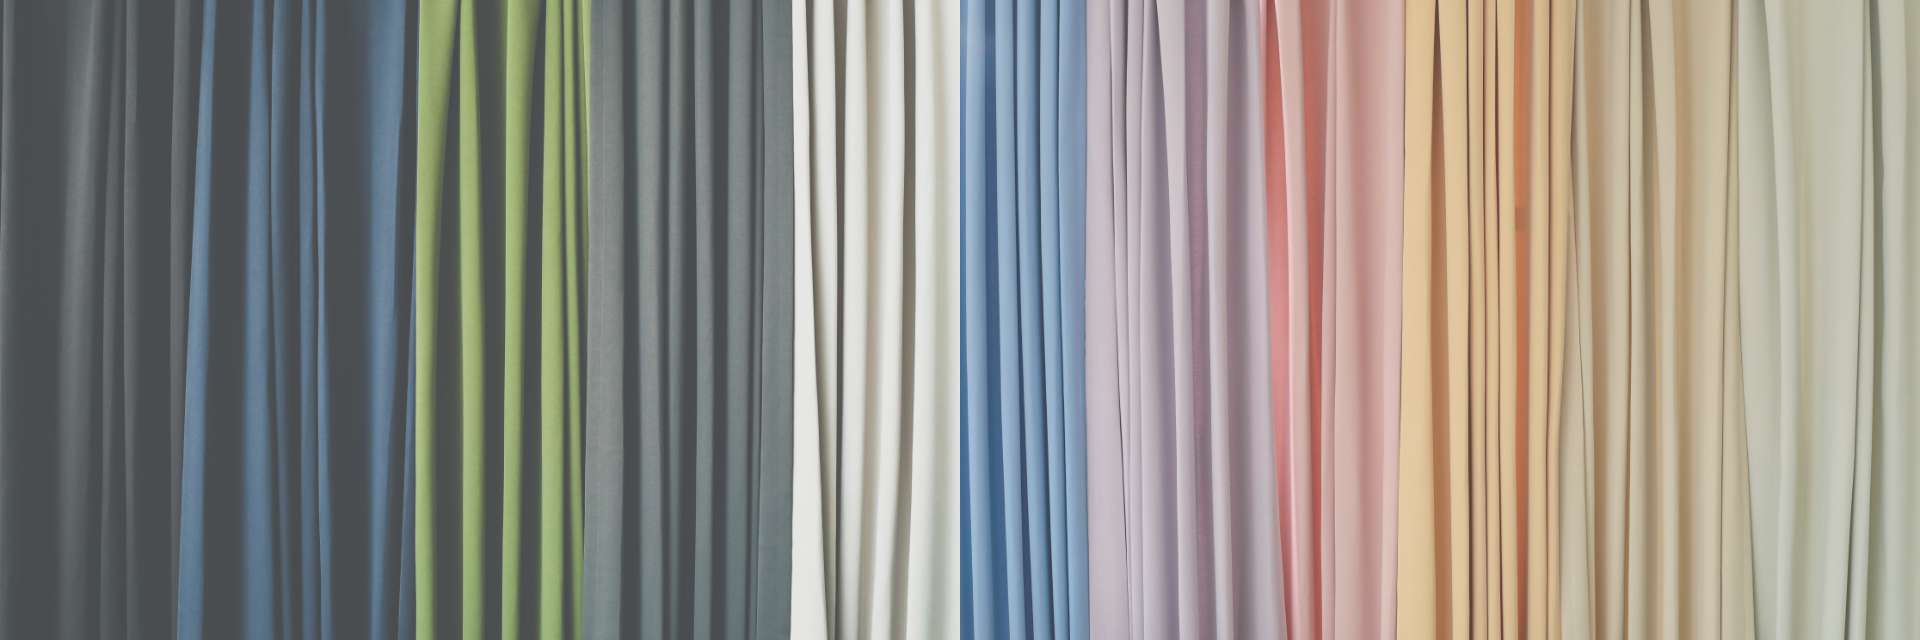 パレットカーテン カラーバリエーション